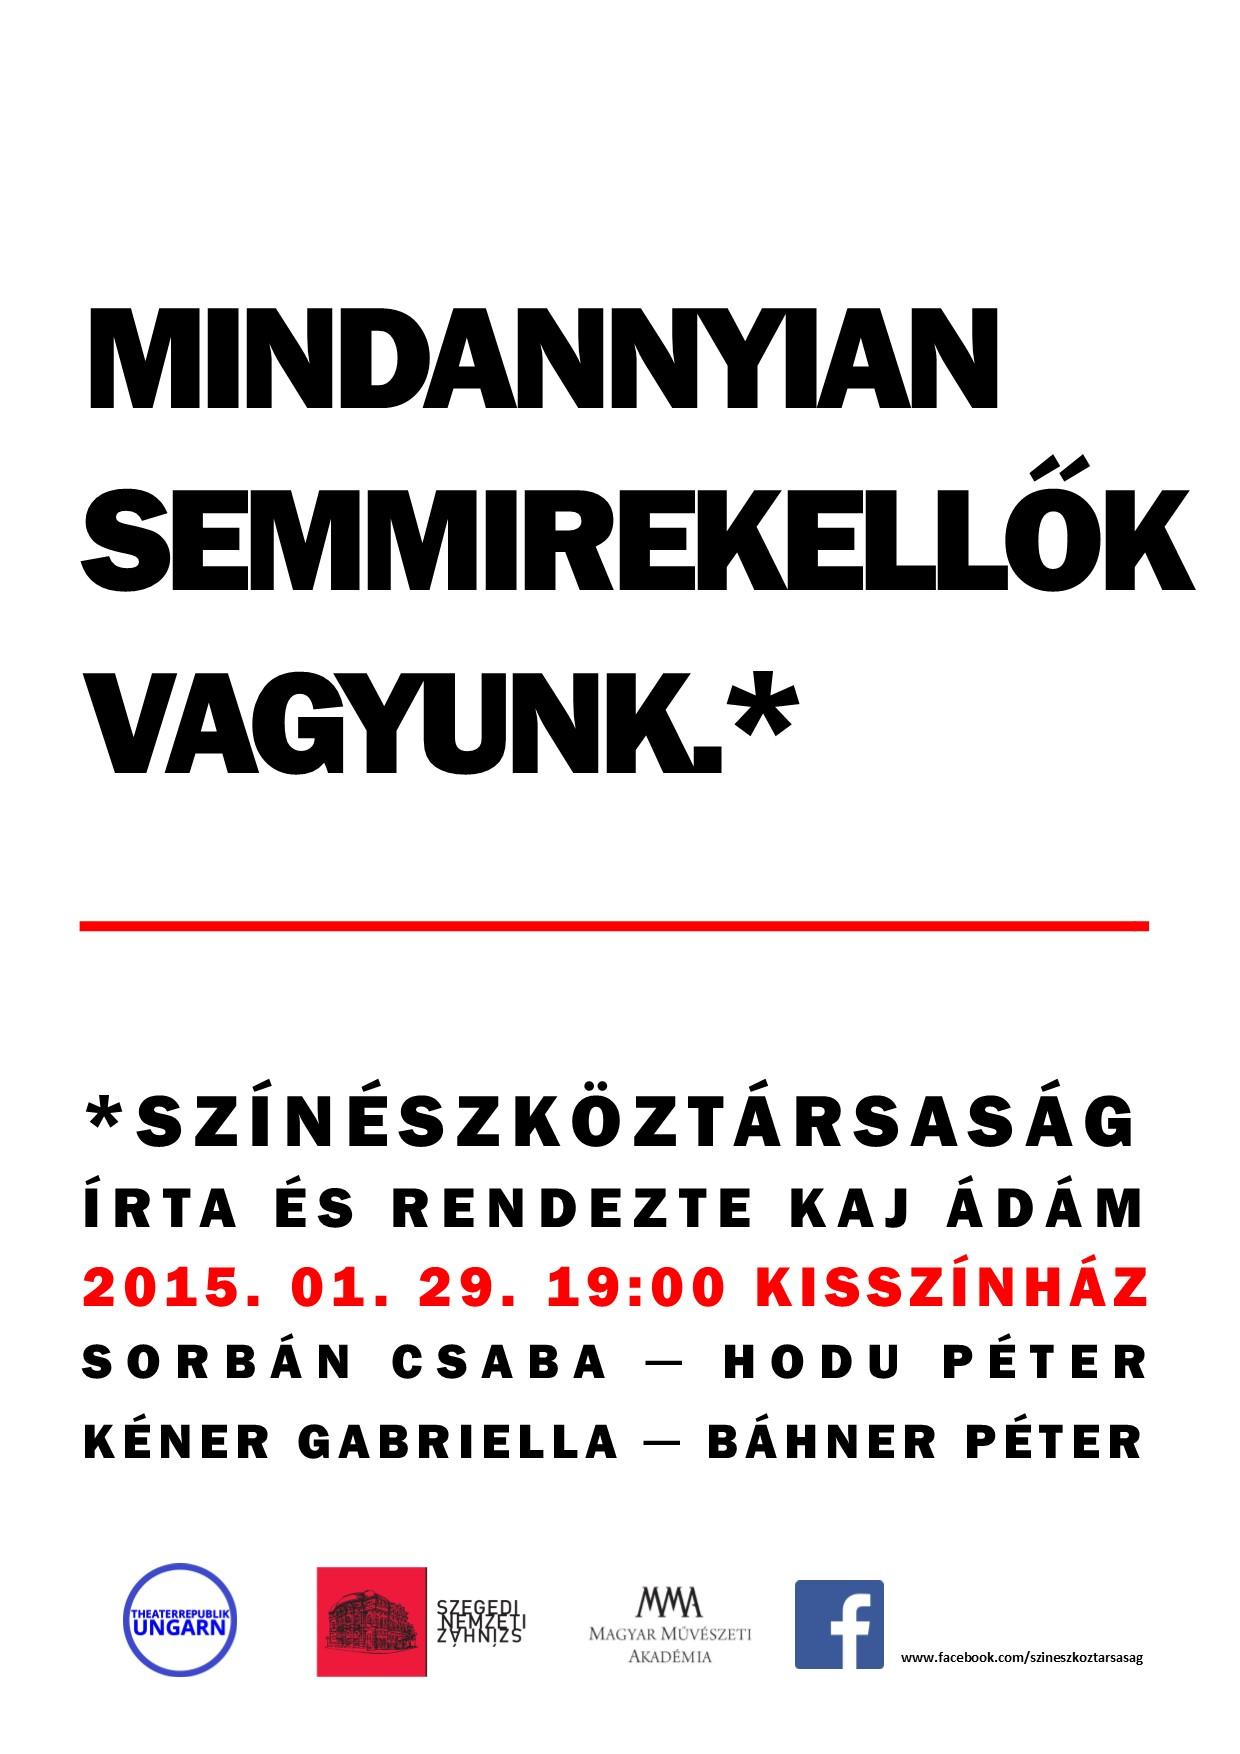 Színészköztársaság plakát